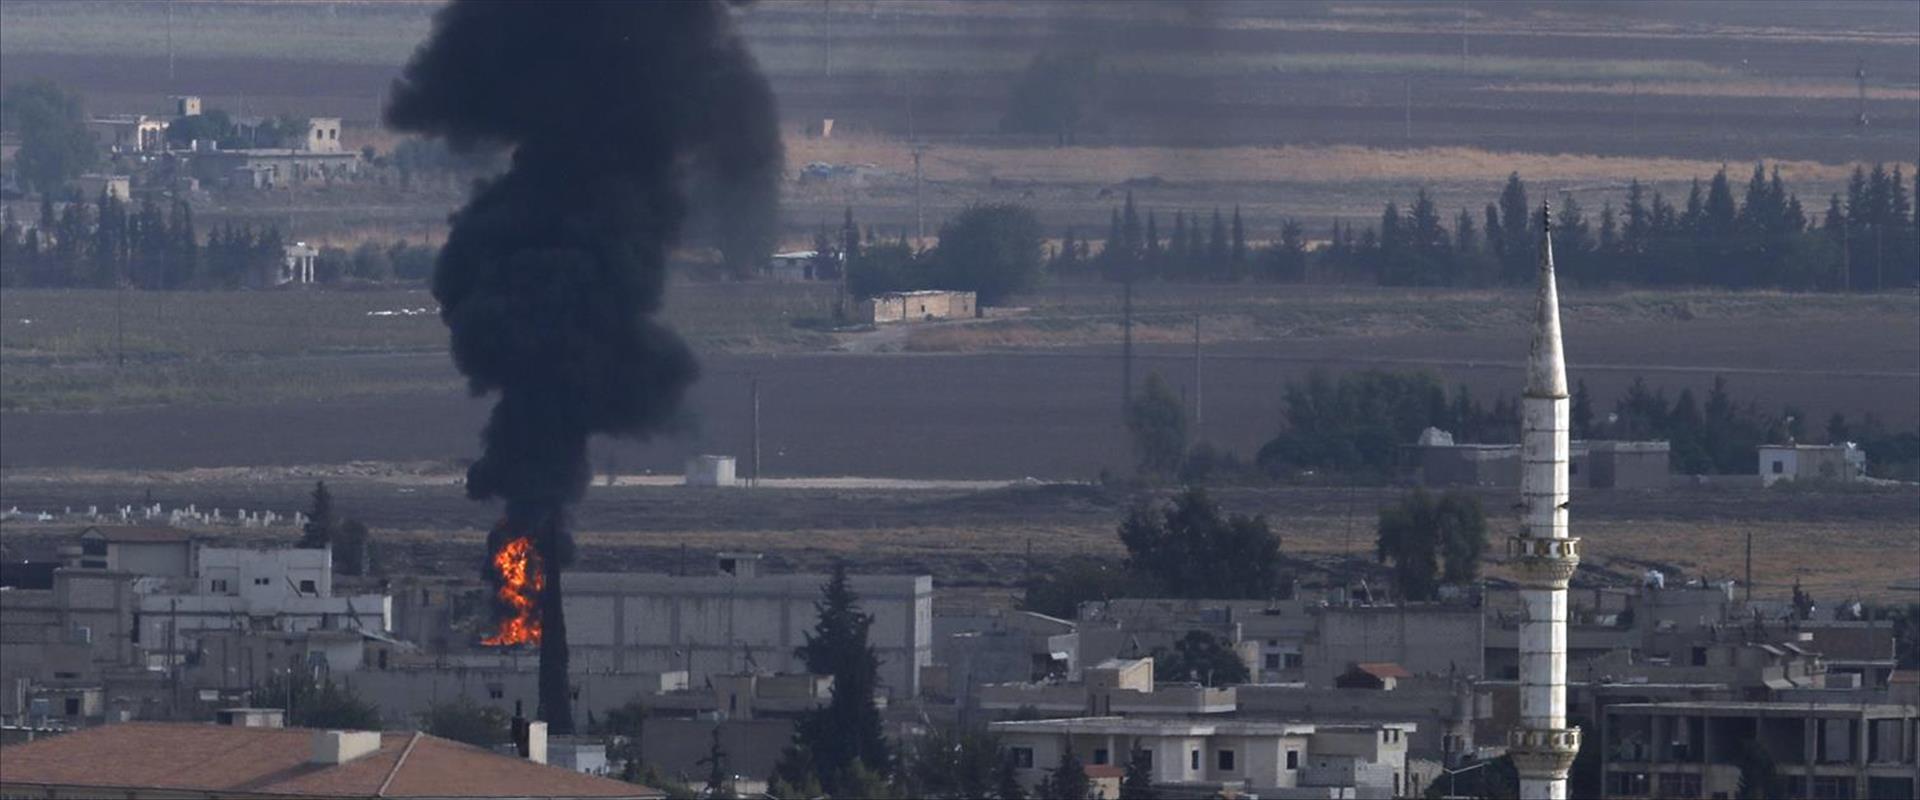 עשן בעיירה ראס אל עין בסוריה, אתמול